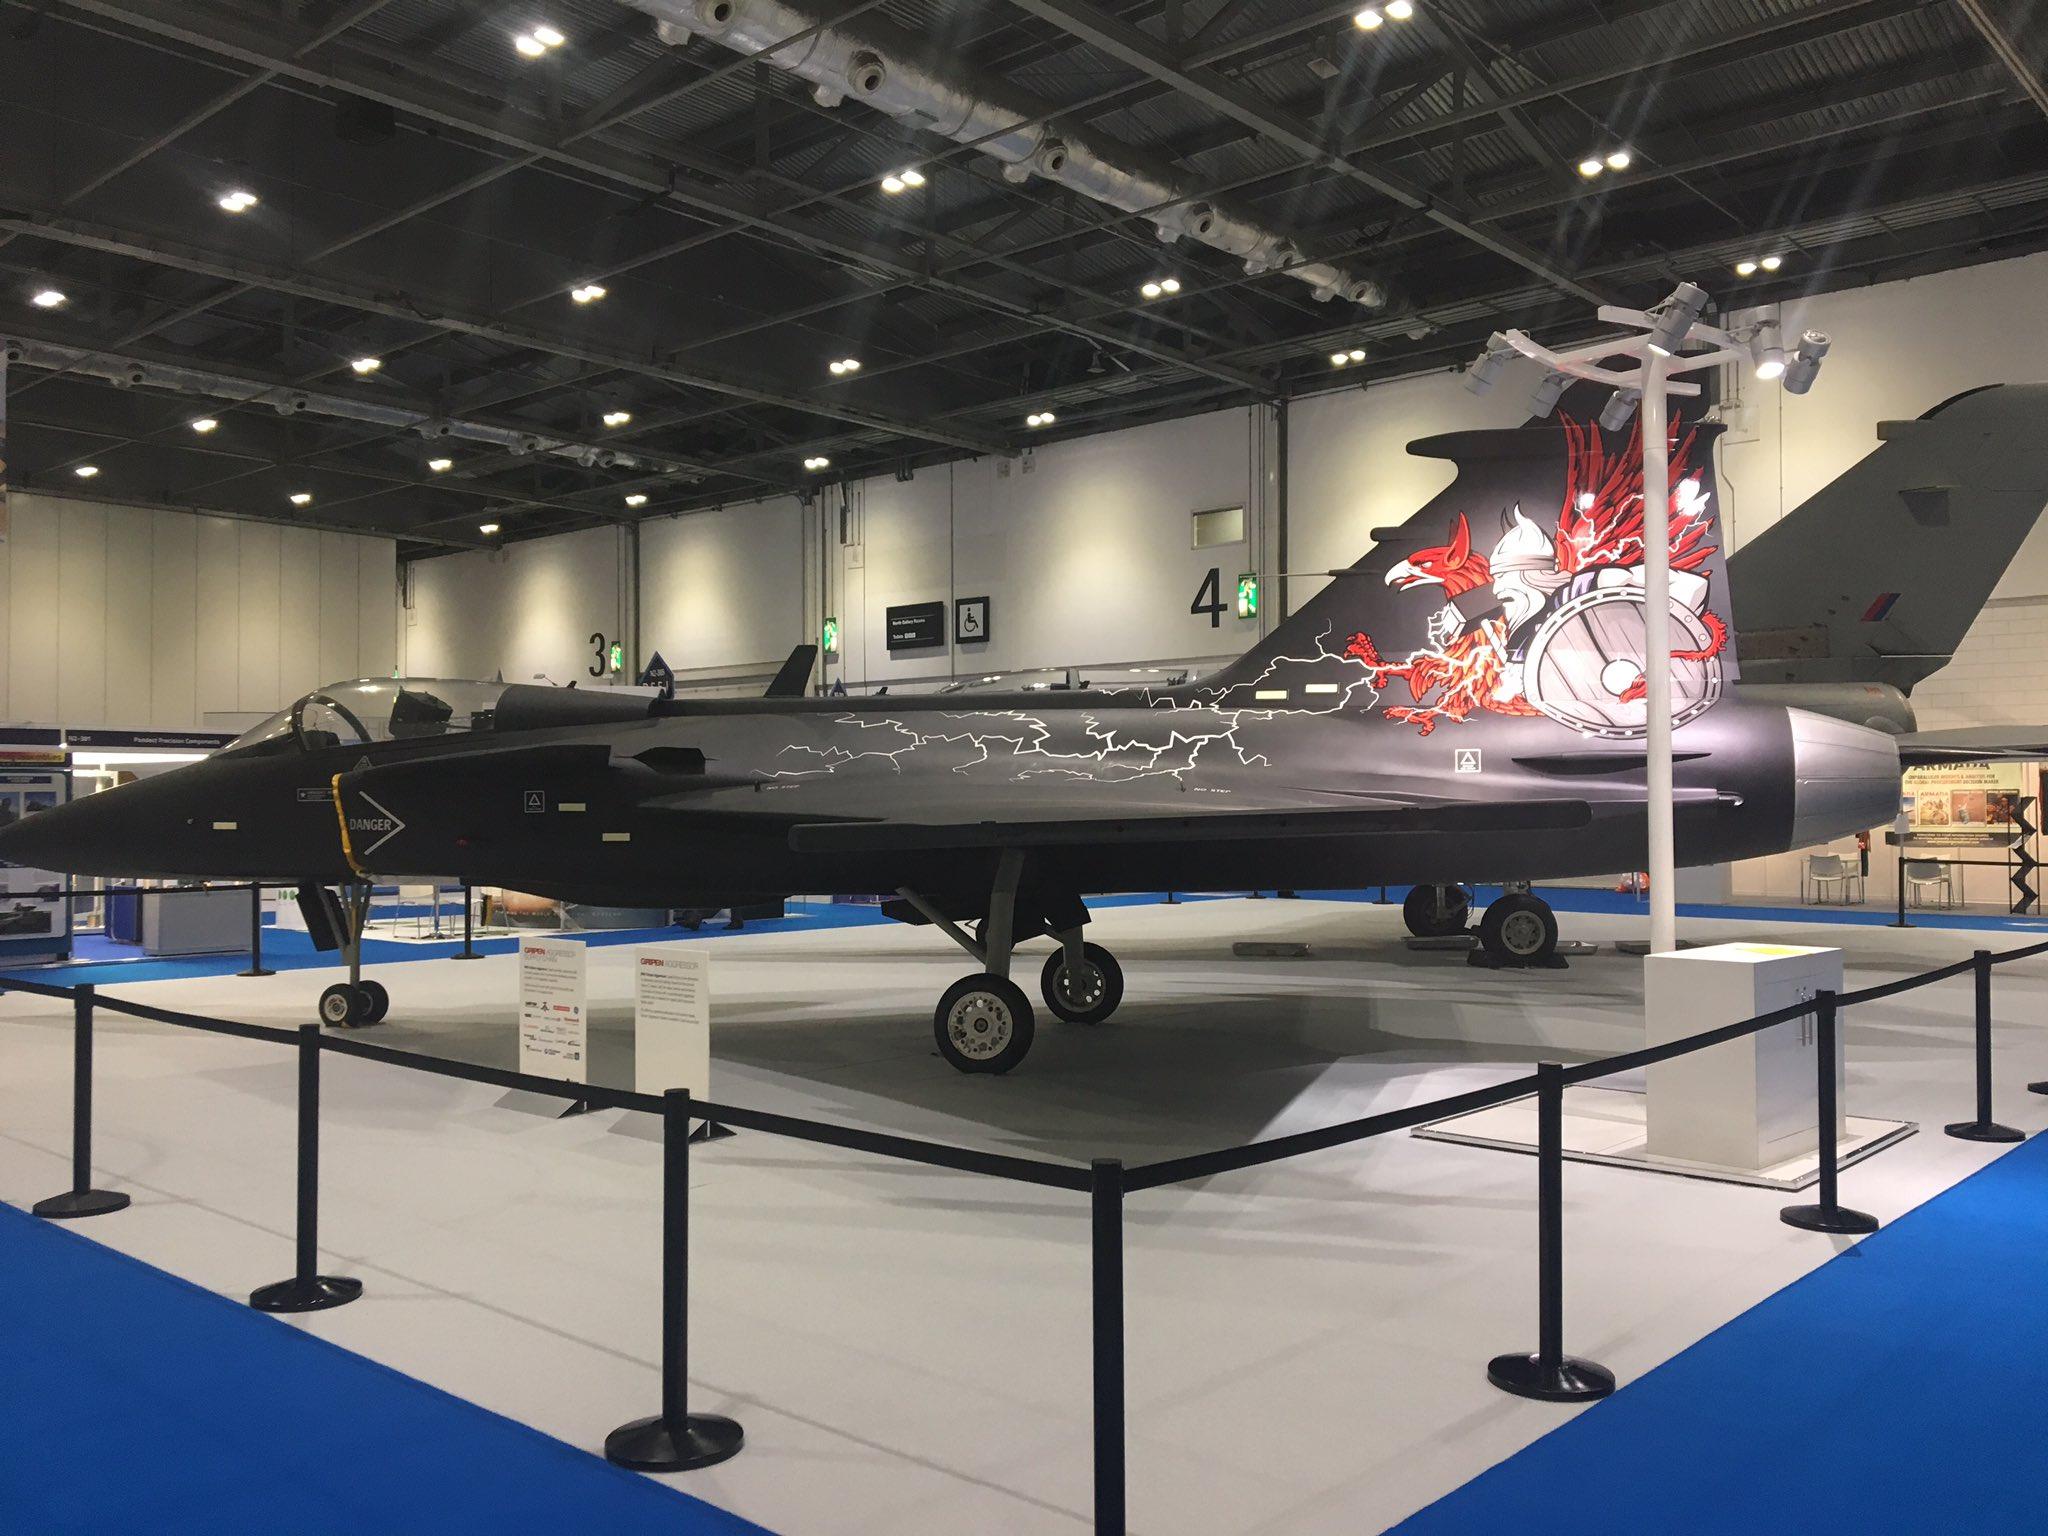 Полноразмерный макет самолета Saab Gripen Aggressor в экспозиции выставки DSEI-2017 в Лондоне.